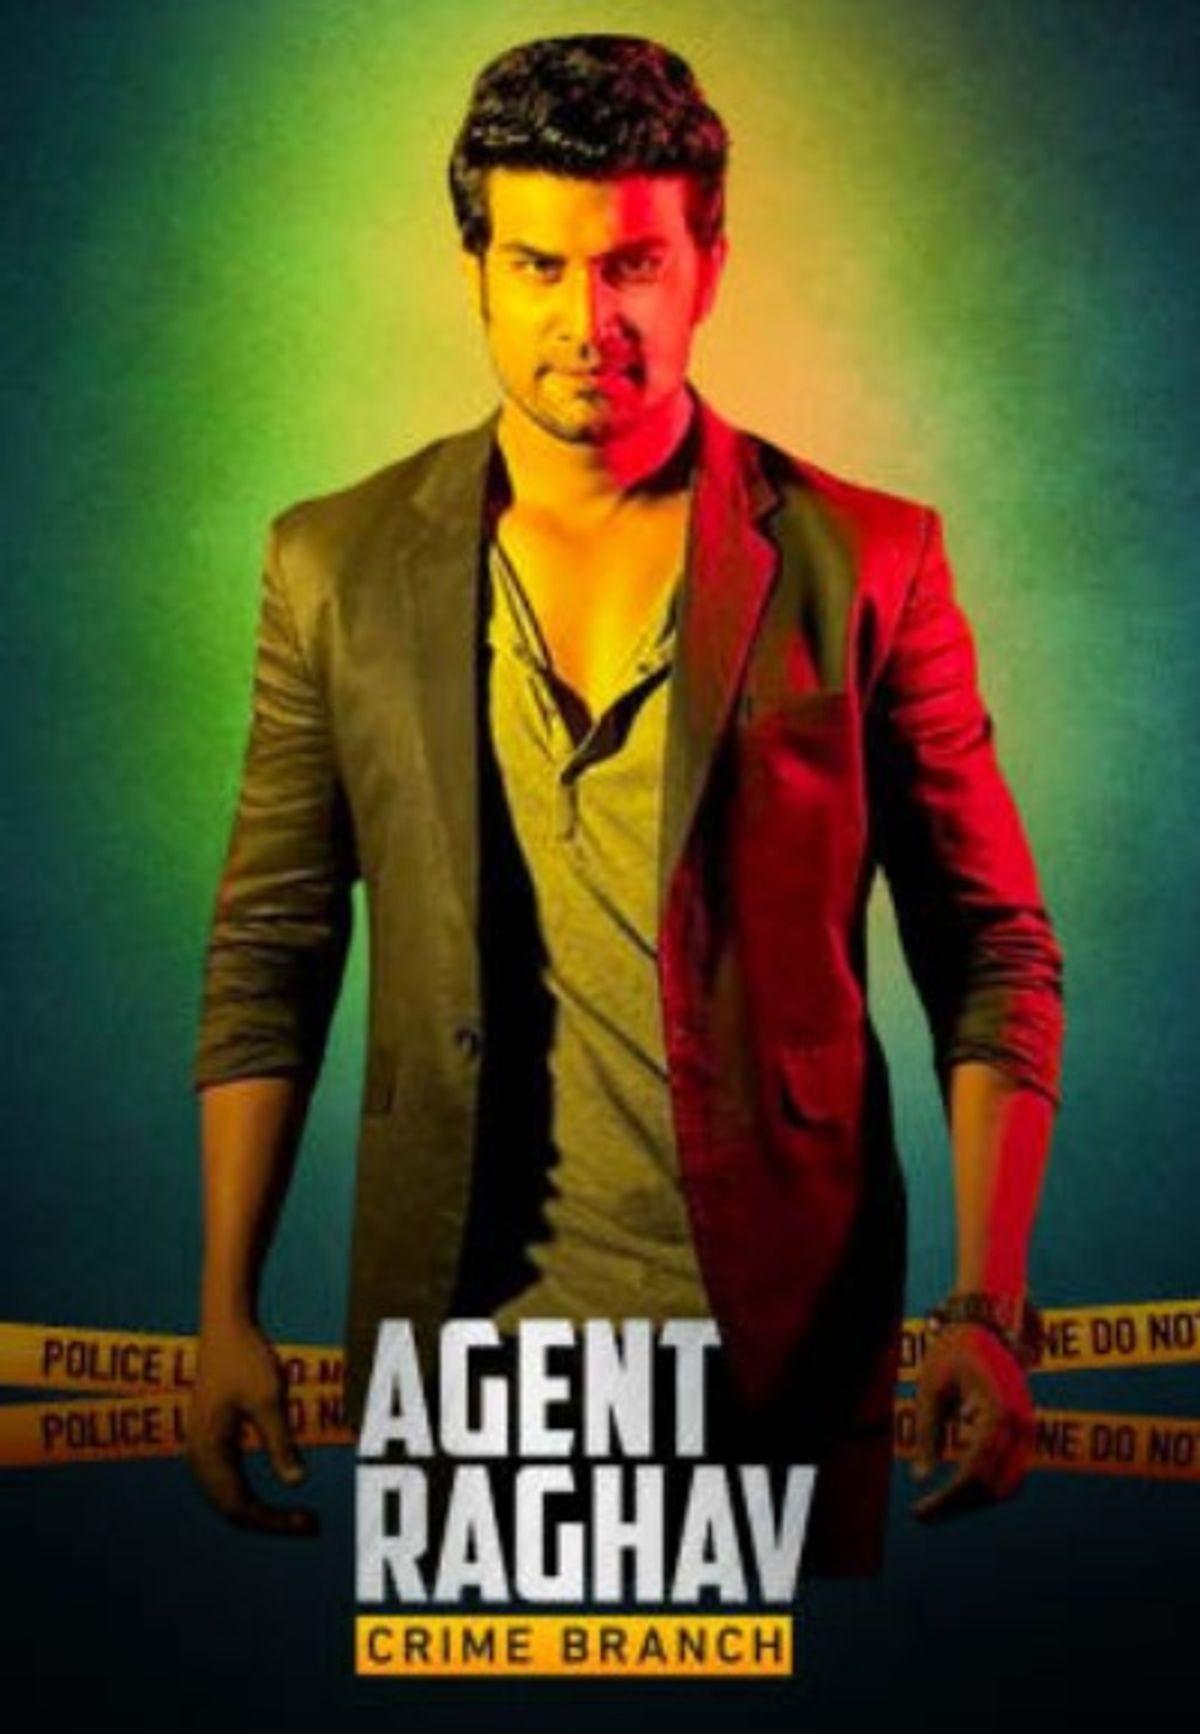 Agent Raghav - Crime Branch